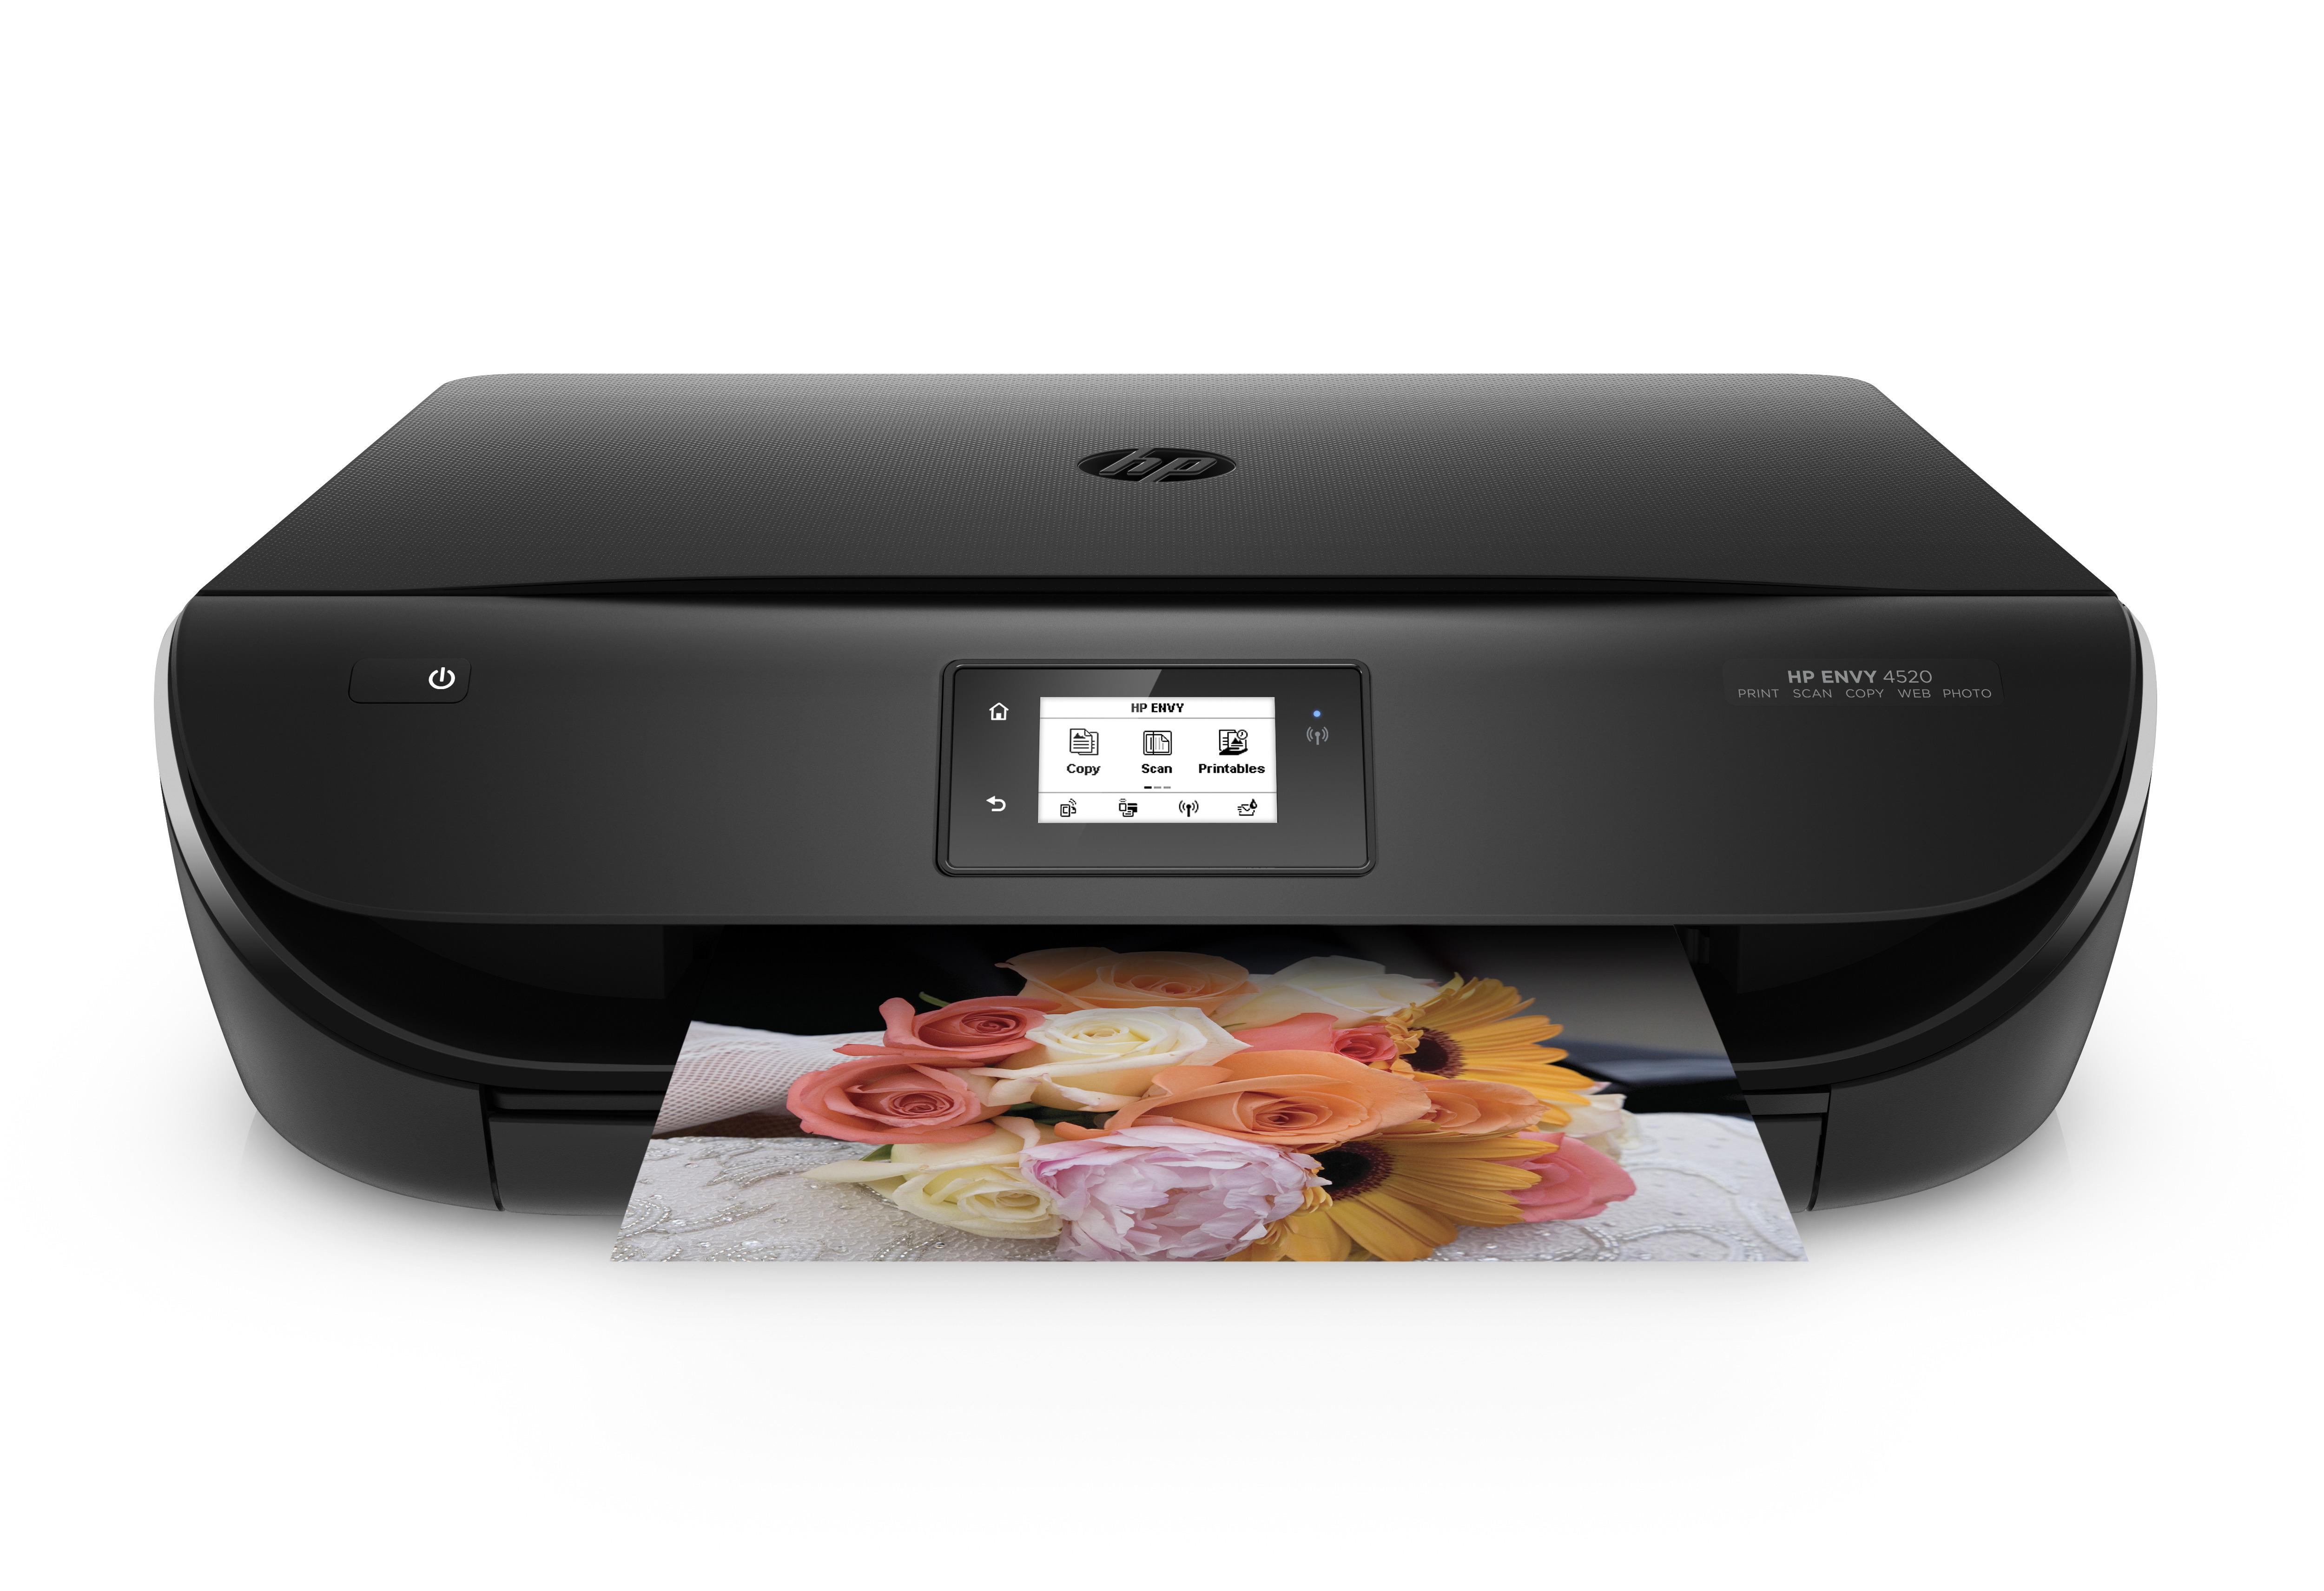 HP ENVY 4520 AiO Thermal Inkjet A4 Wi-Fi Black